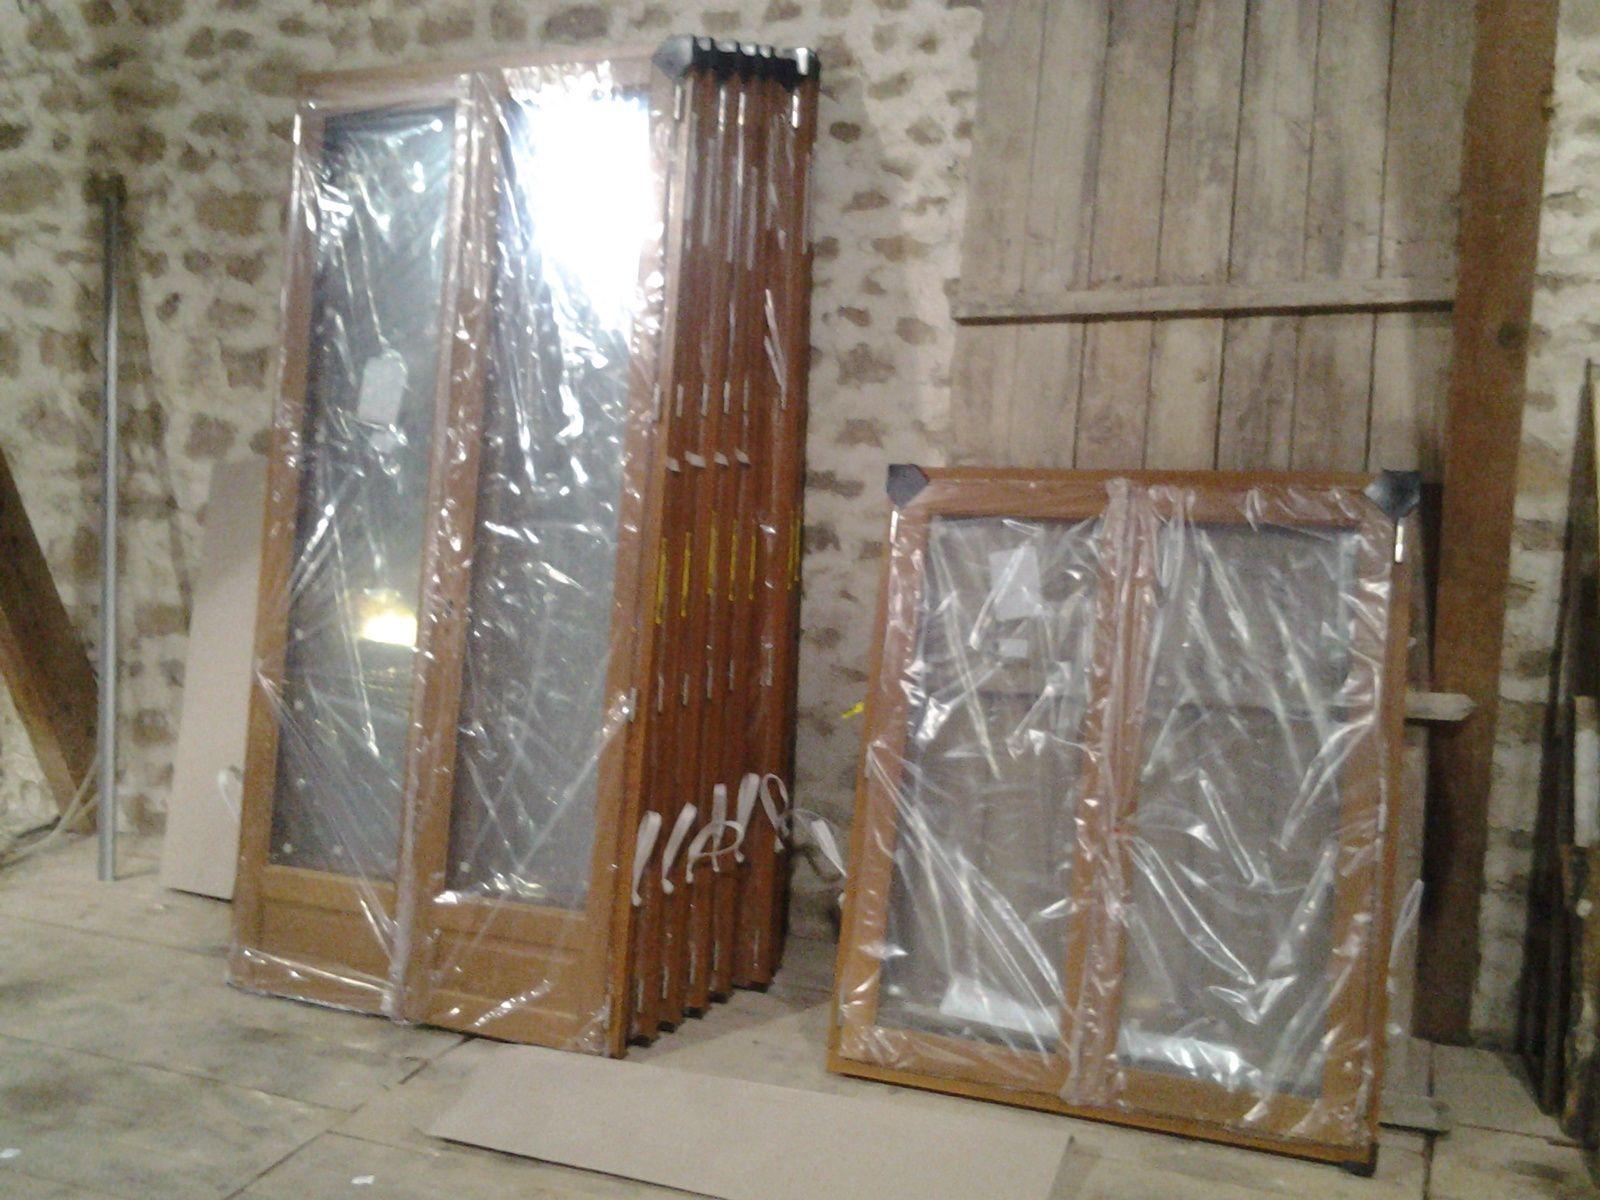 les 9 fenêtres des facades nord et sud sont arrivées.  Double vitrage et chêne.